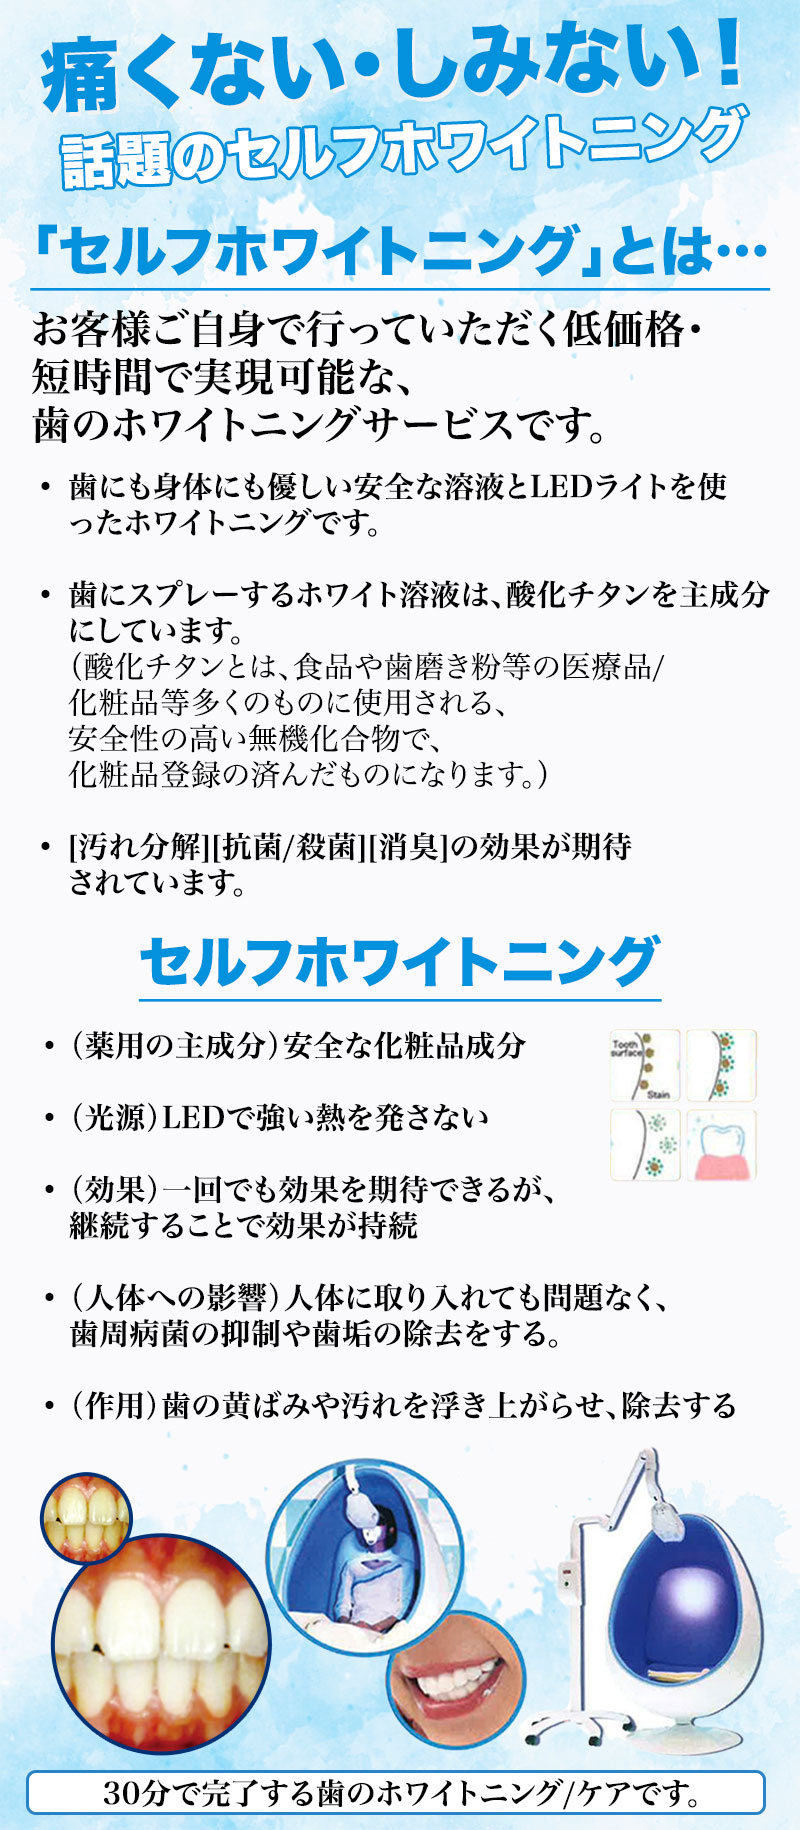 201905_Bihaku_JPWebsite_1.jpg